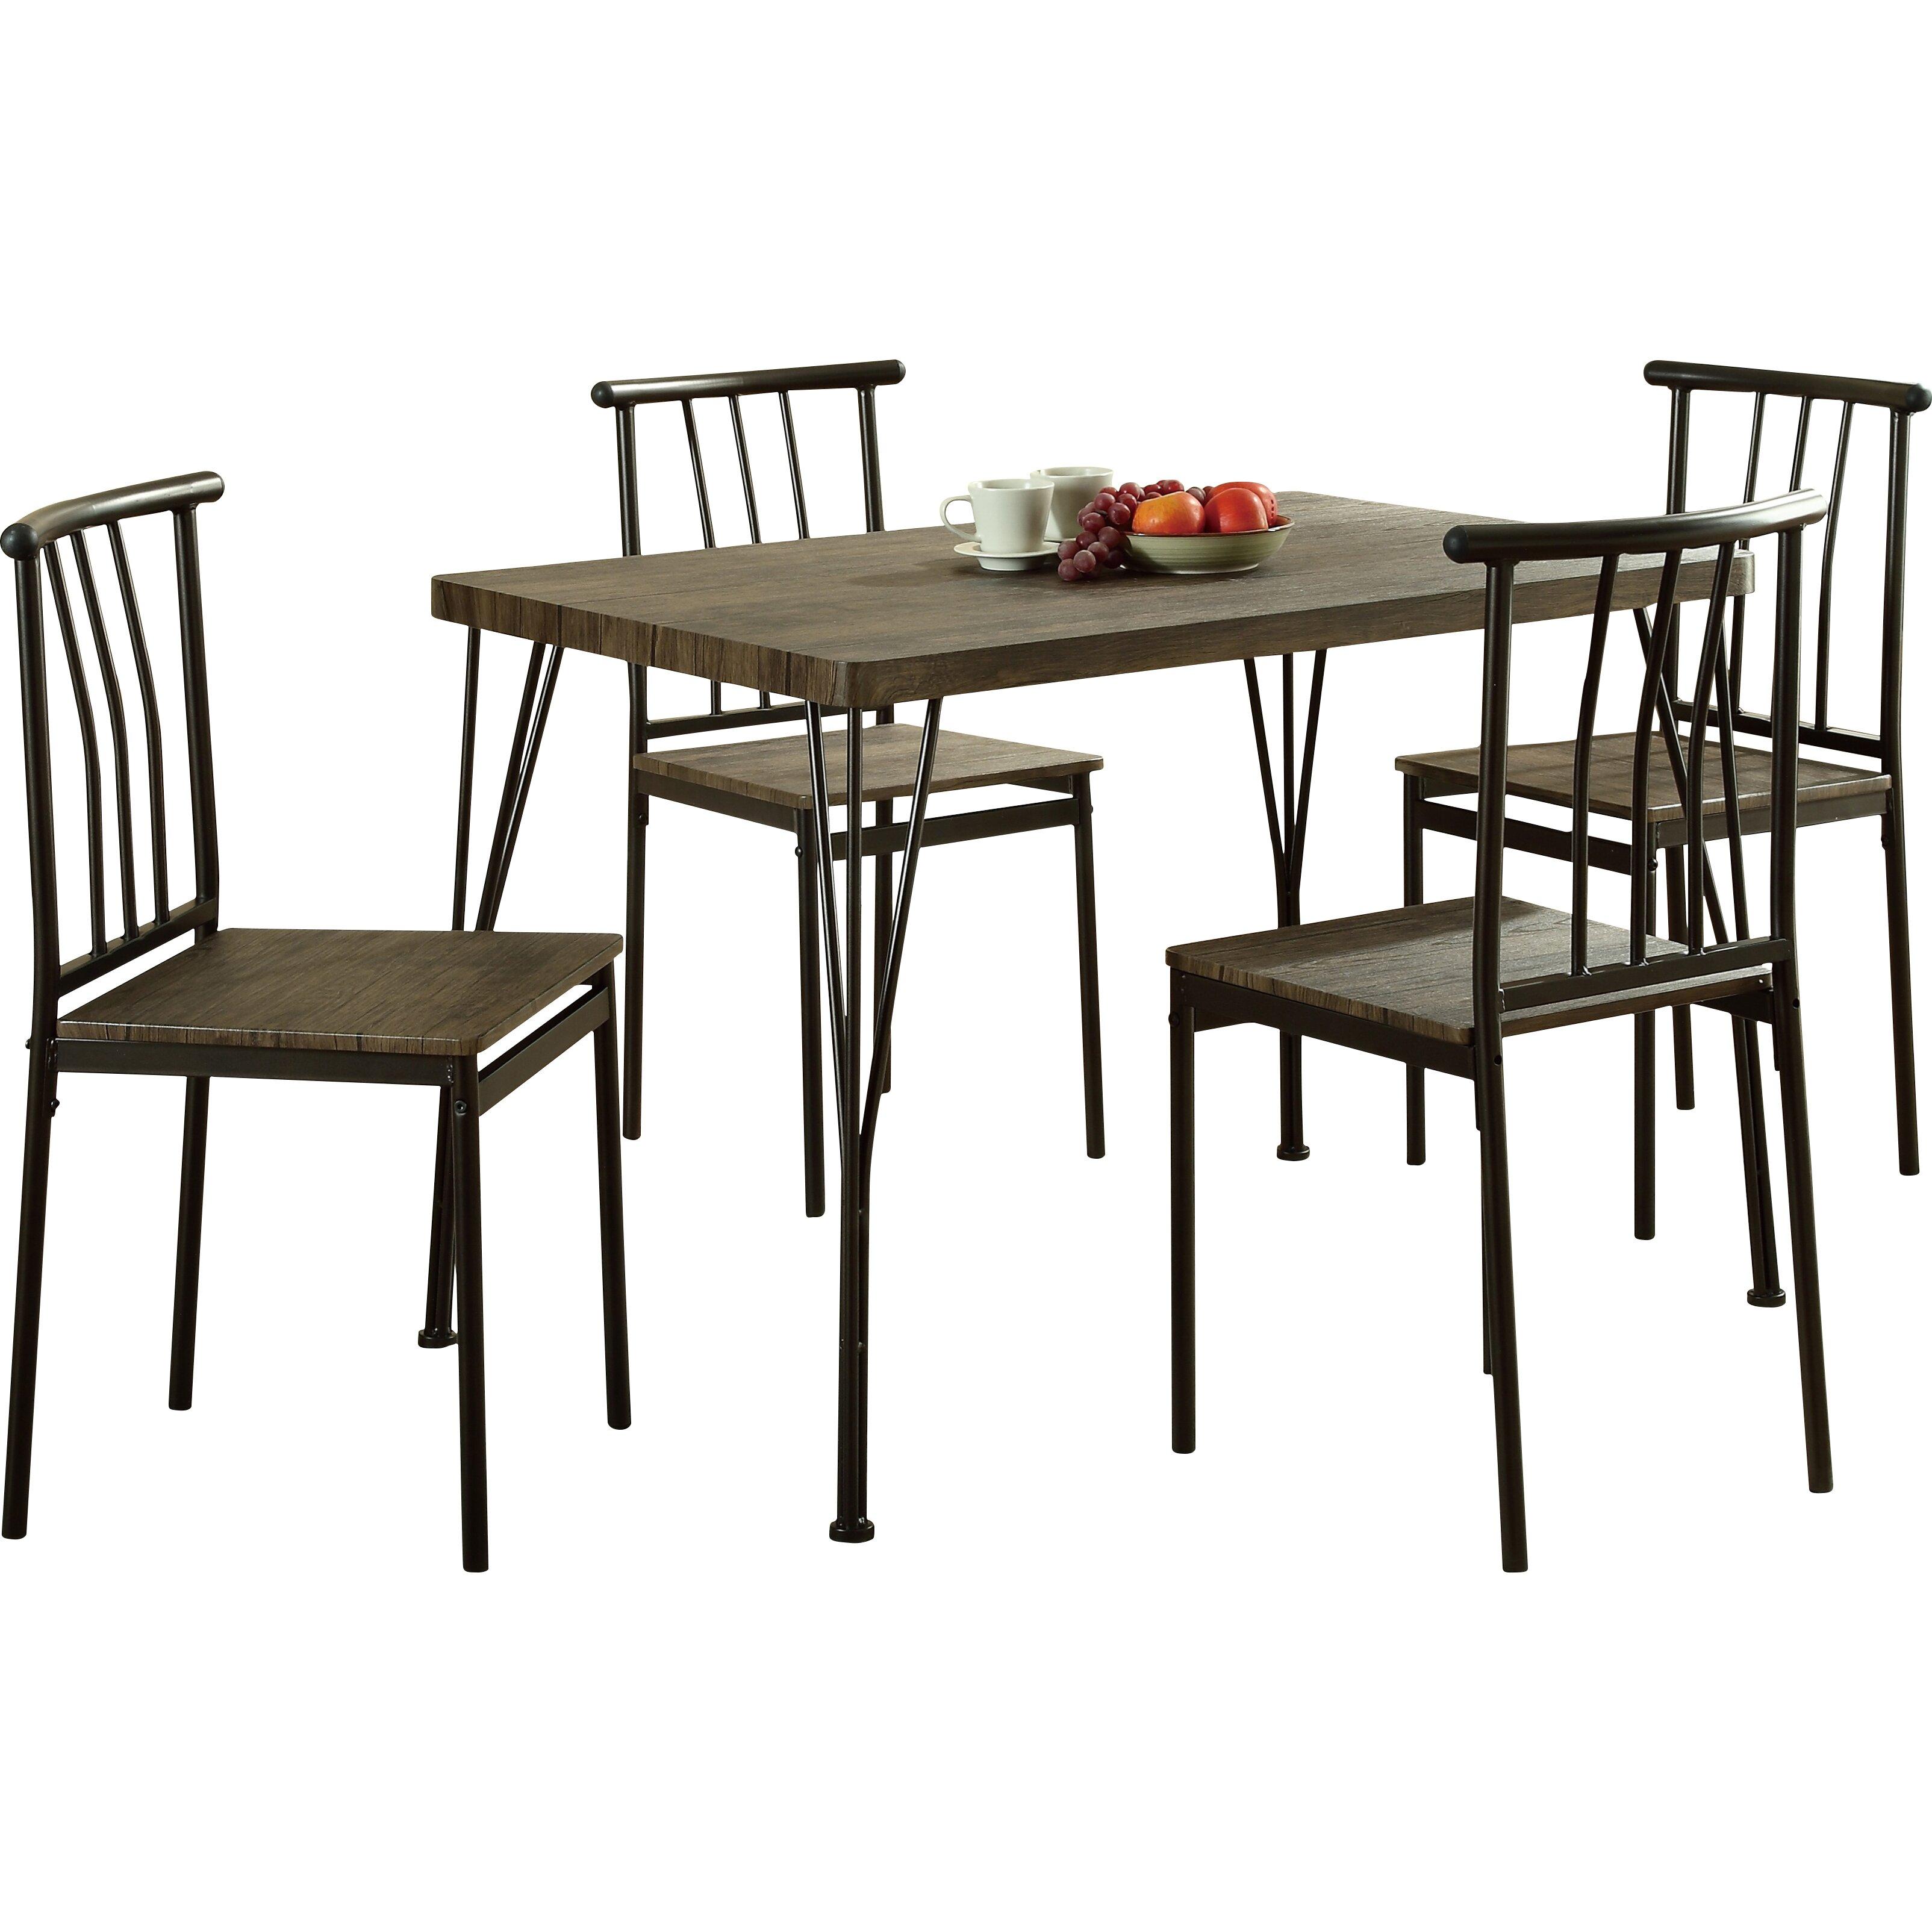 Global furniture usa 5 piece dining set reviews wayfair for Furniture usa